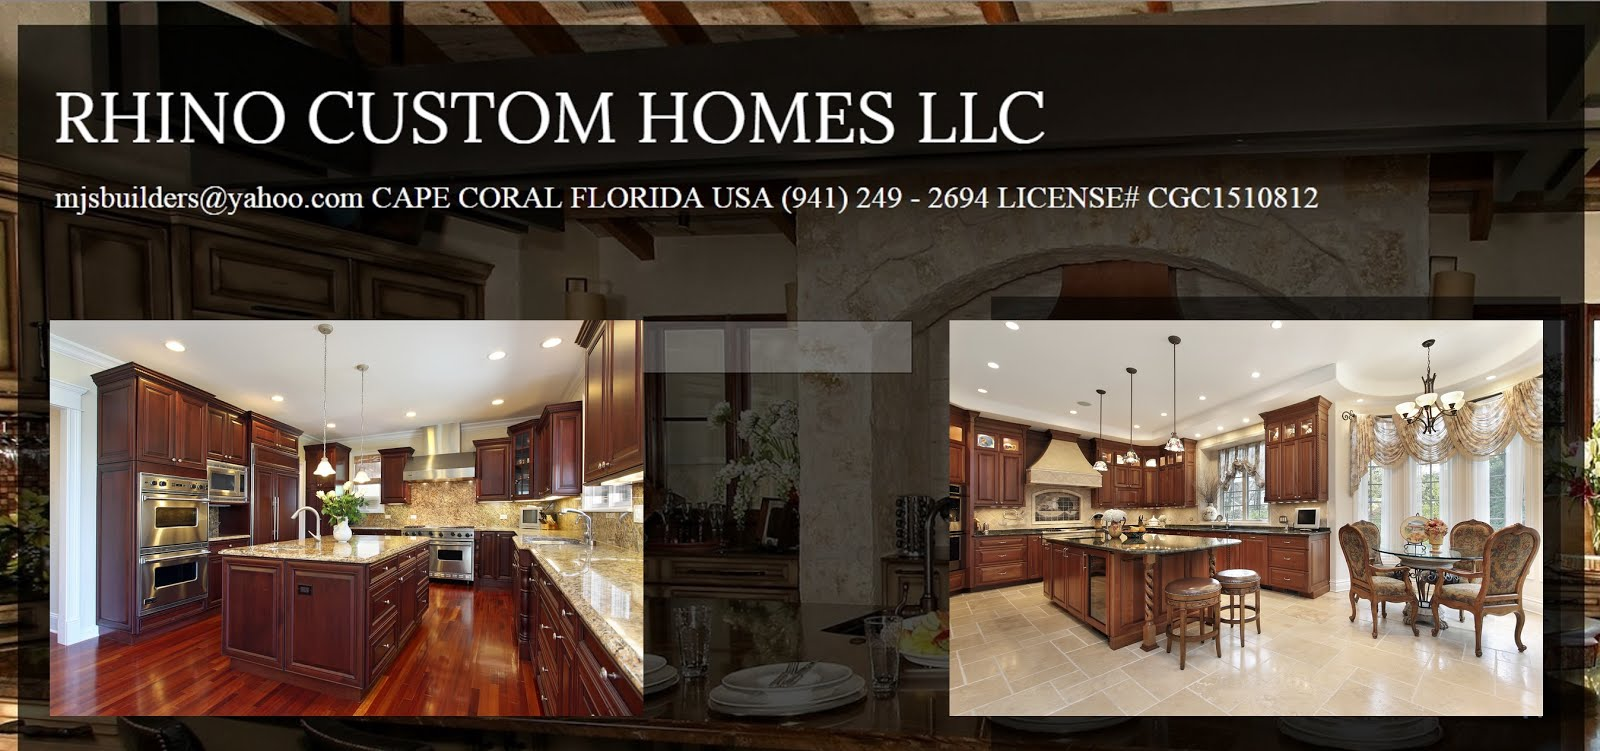 RHINO CUSTOM HOMES LLC